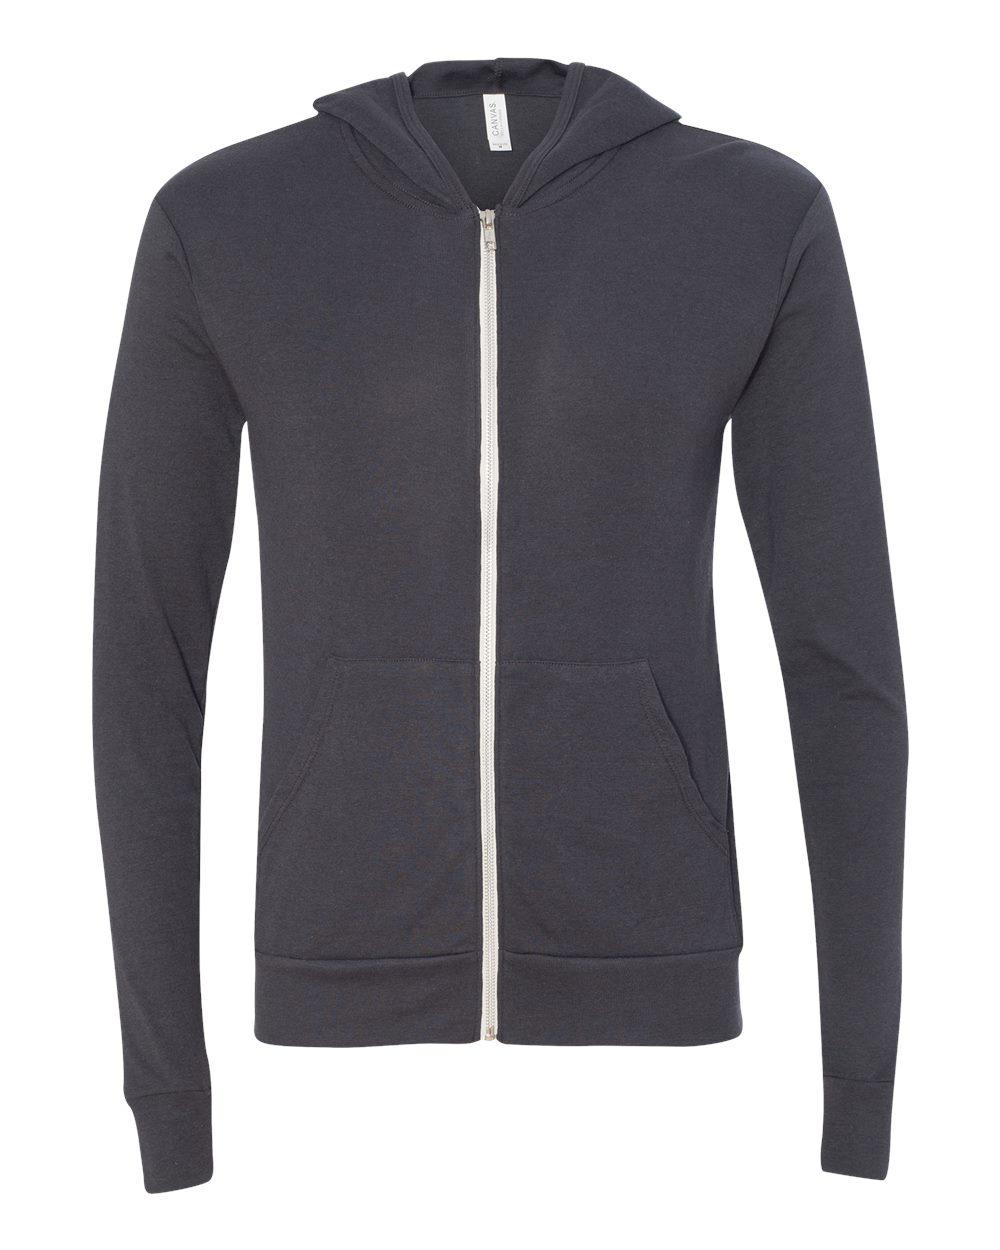 Bella-Canvas-Unisex-Triblend-Lightweight-Hooded-Full-Zip-T-Shirt-3939-upto-2XL thumbnail 30